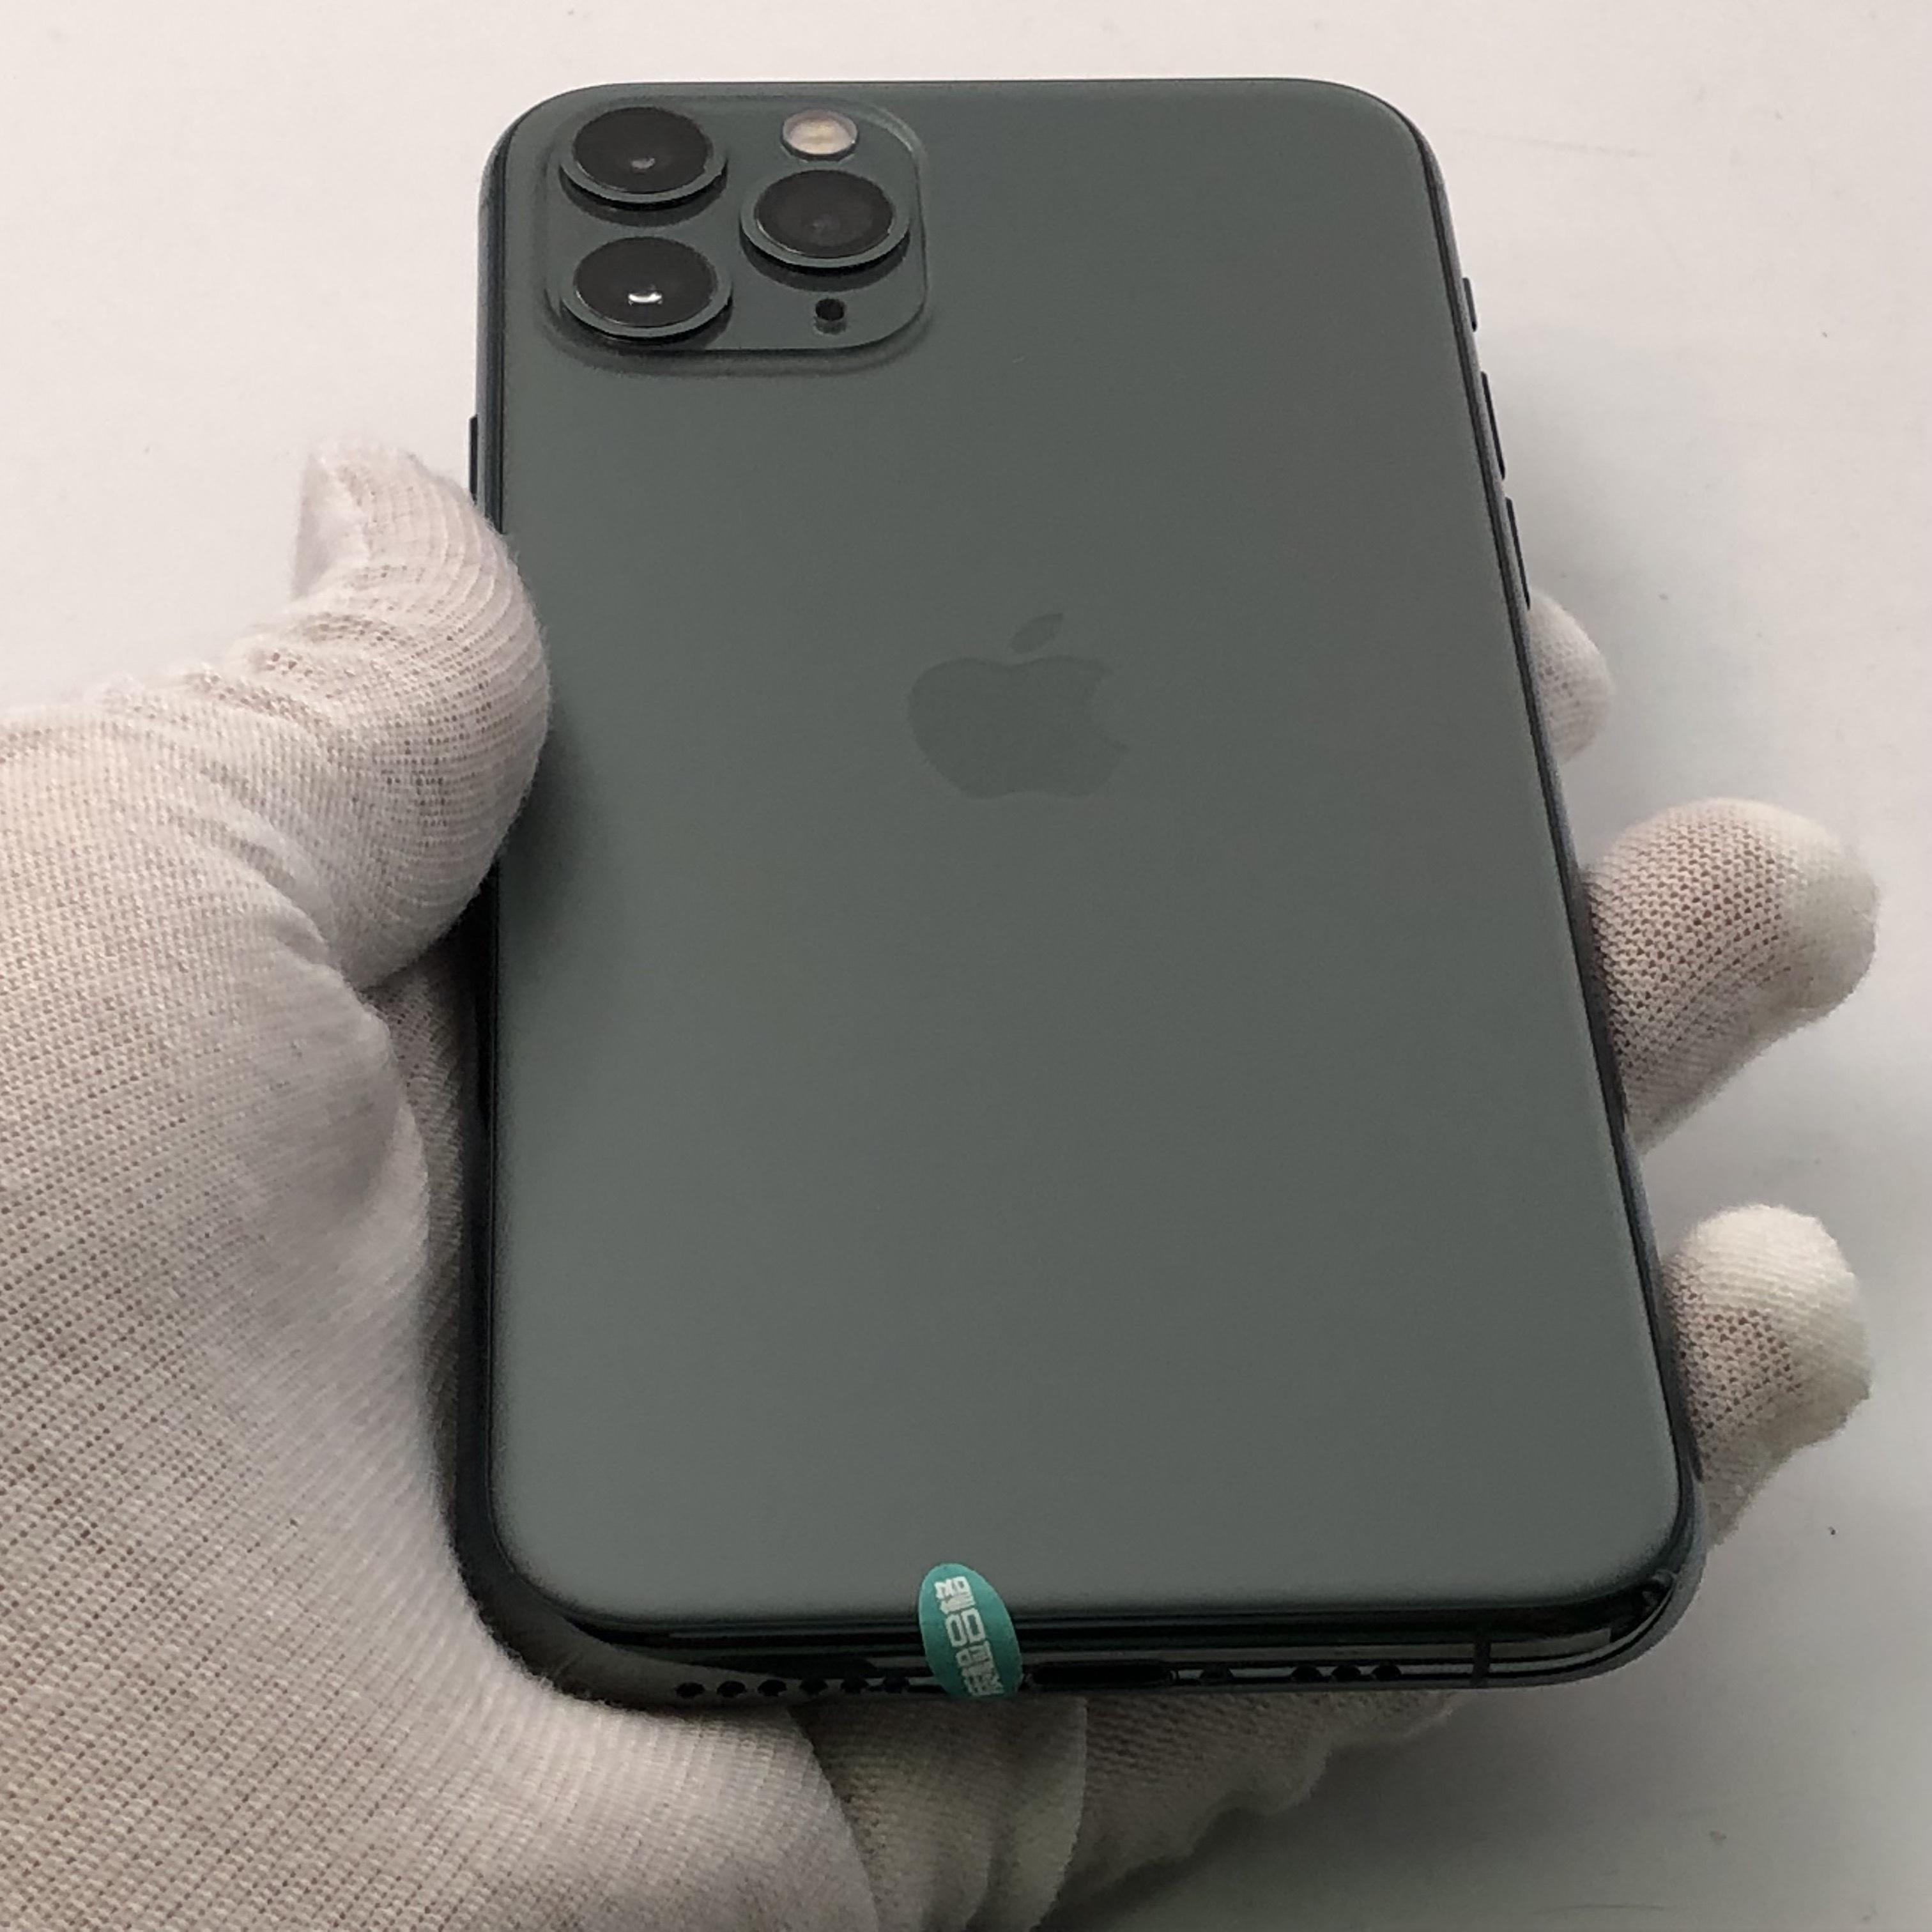 苹果【iPhone 11 Pro】4G全网通 暗夜绿色 256G 国行 95新